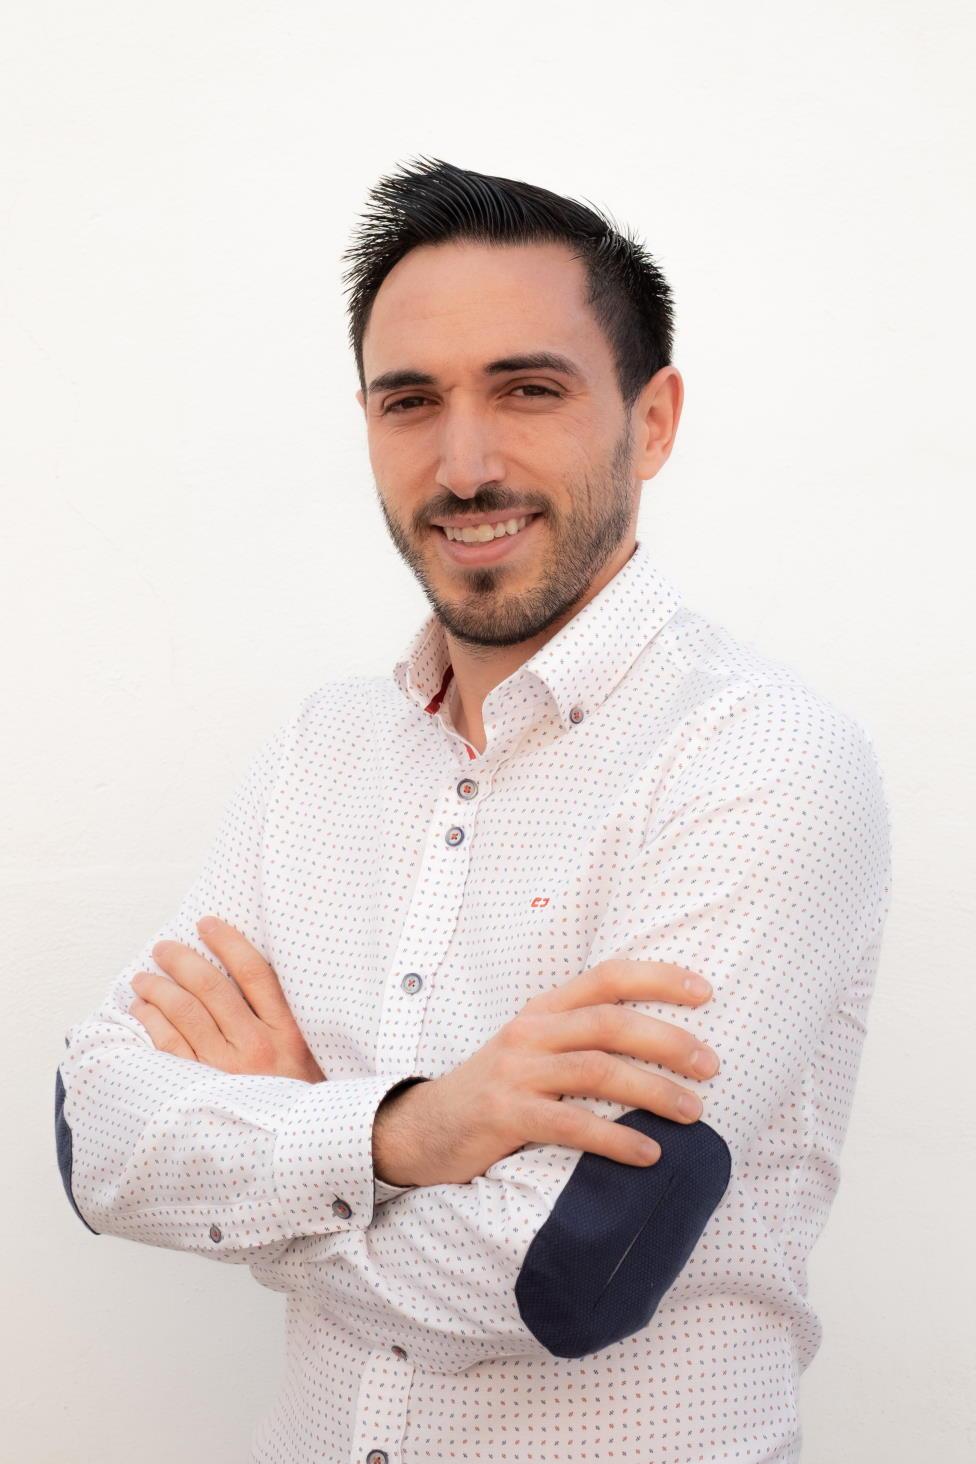 José Carlos Sánchez Palomares